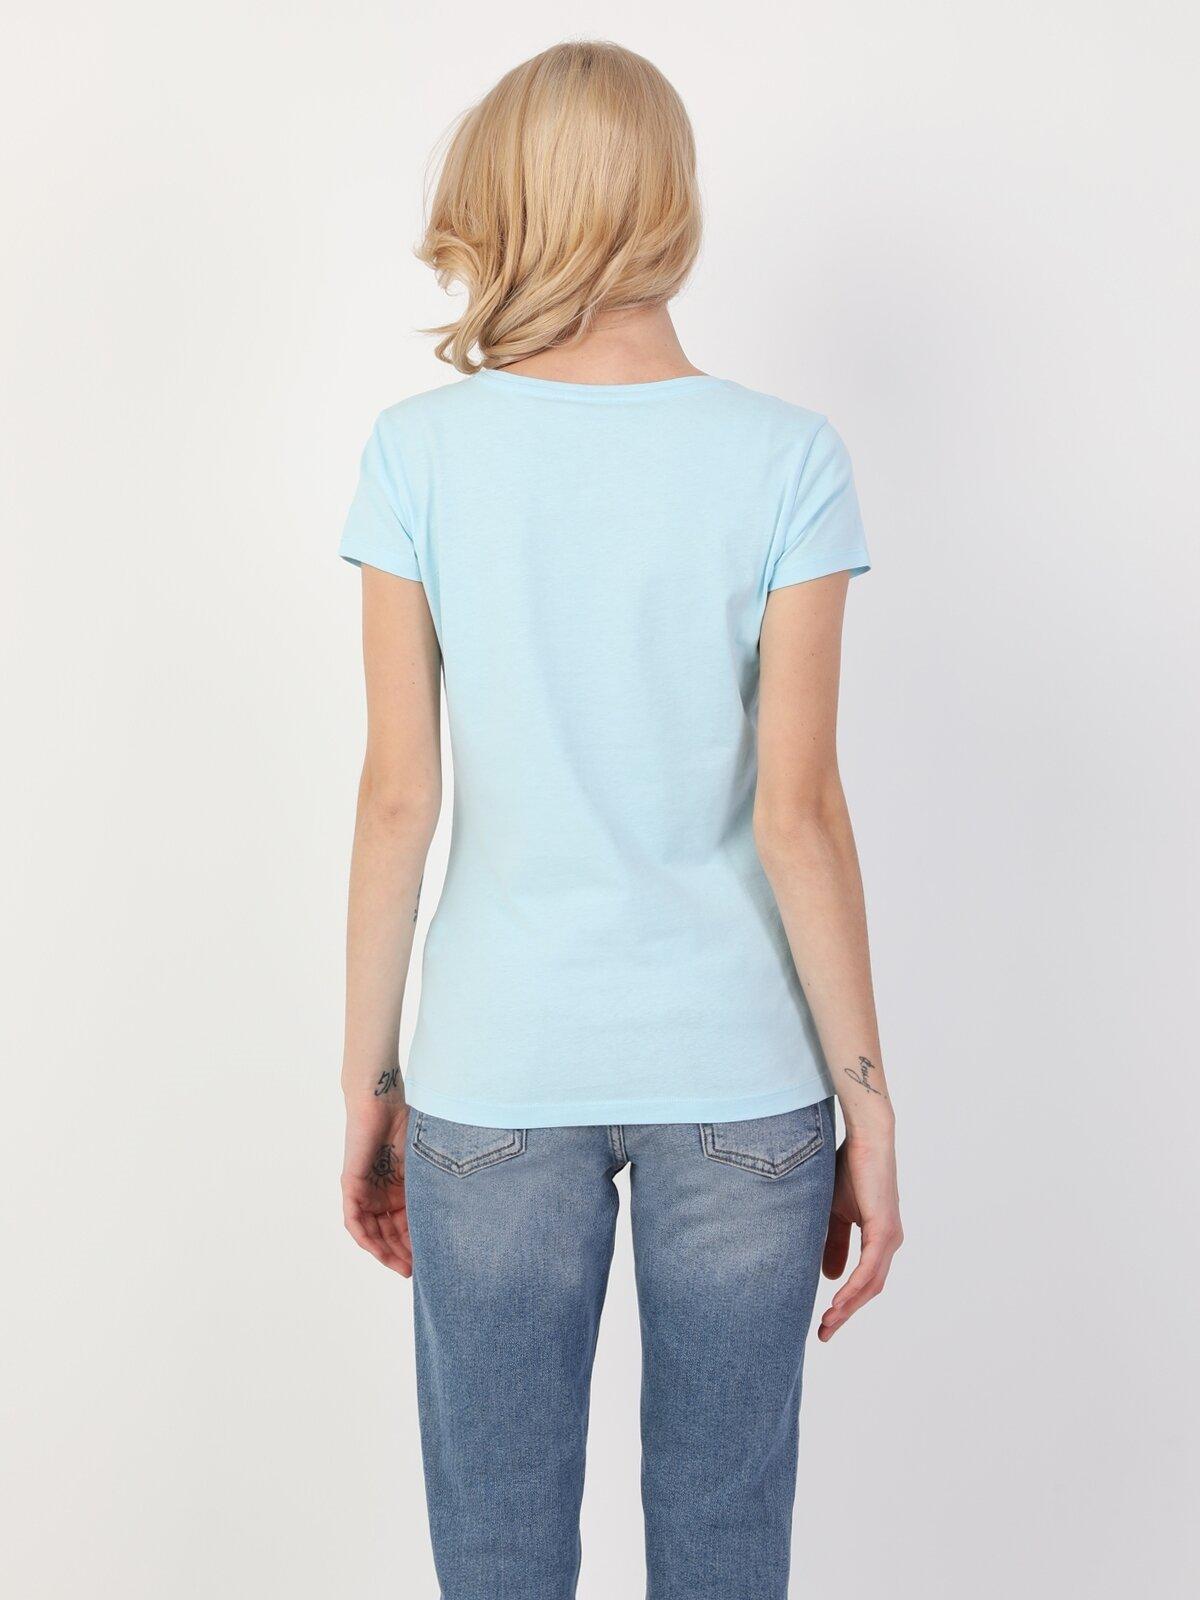 Slim Fit Standart Kol Bisiklet Yaka Açık Mavi Kadın Kısa Kol Tişört